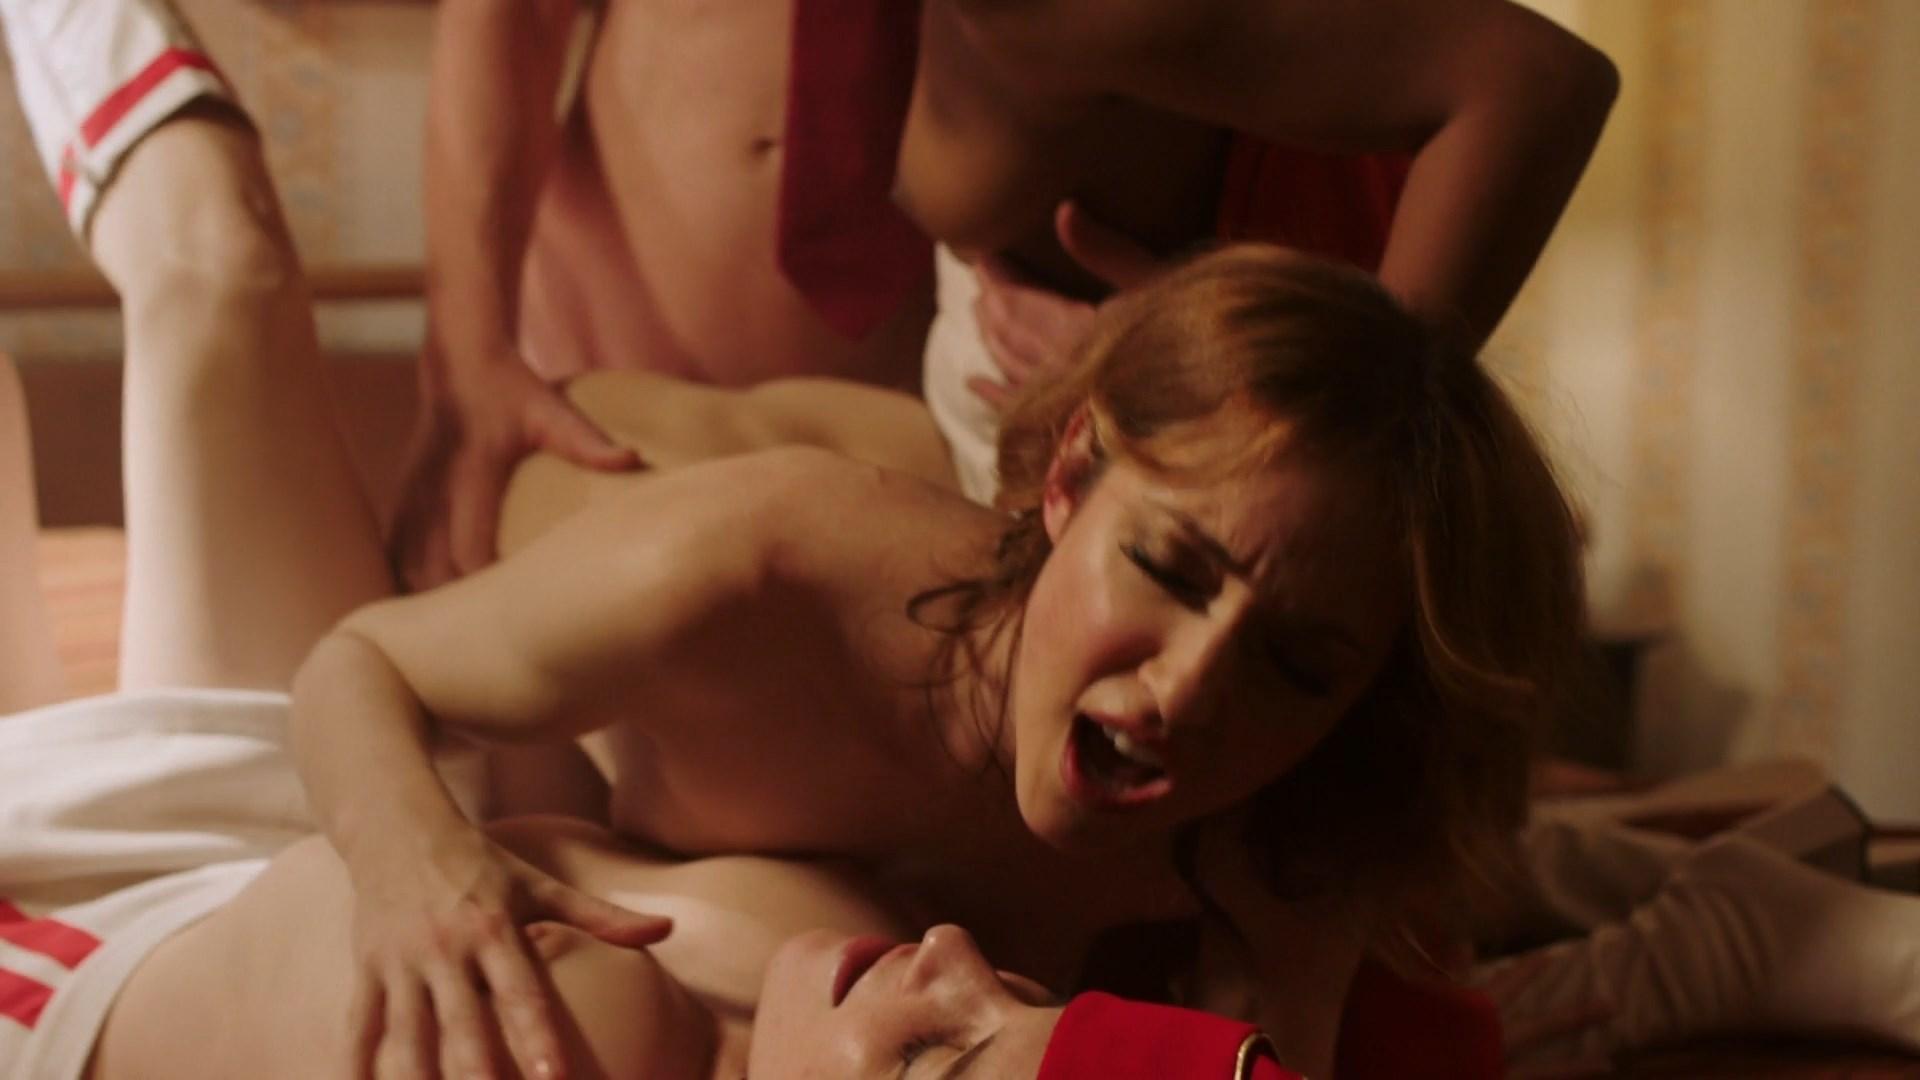 Porno anal de kendra